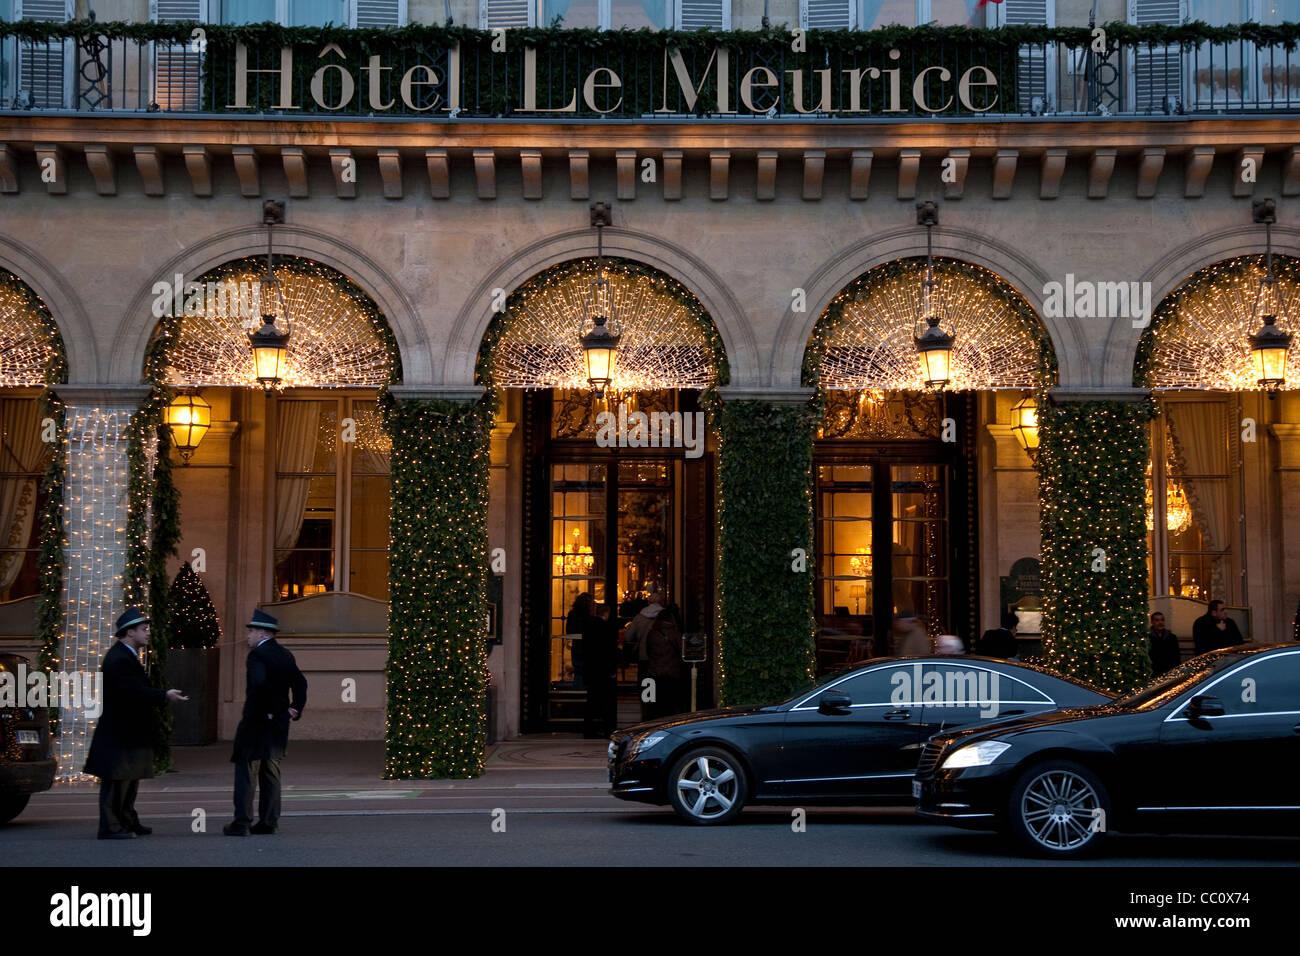 Meurice hotel stock photos meurice hotel stock images alamy - Salon de the rue de rivoli ...